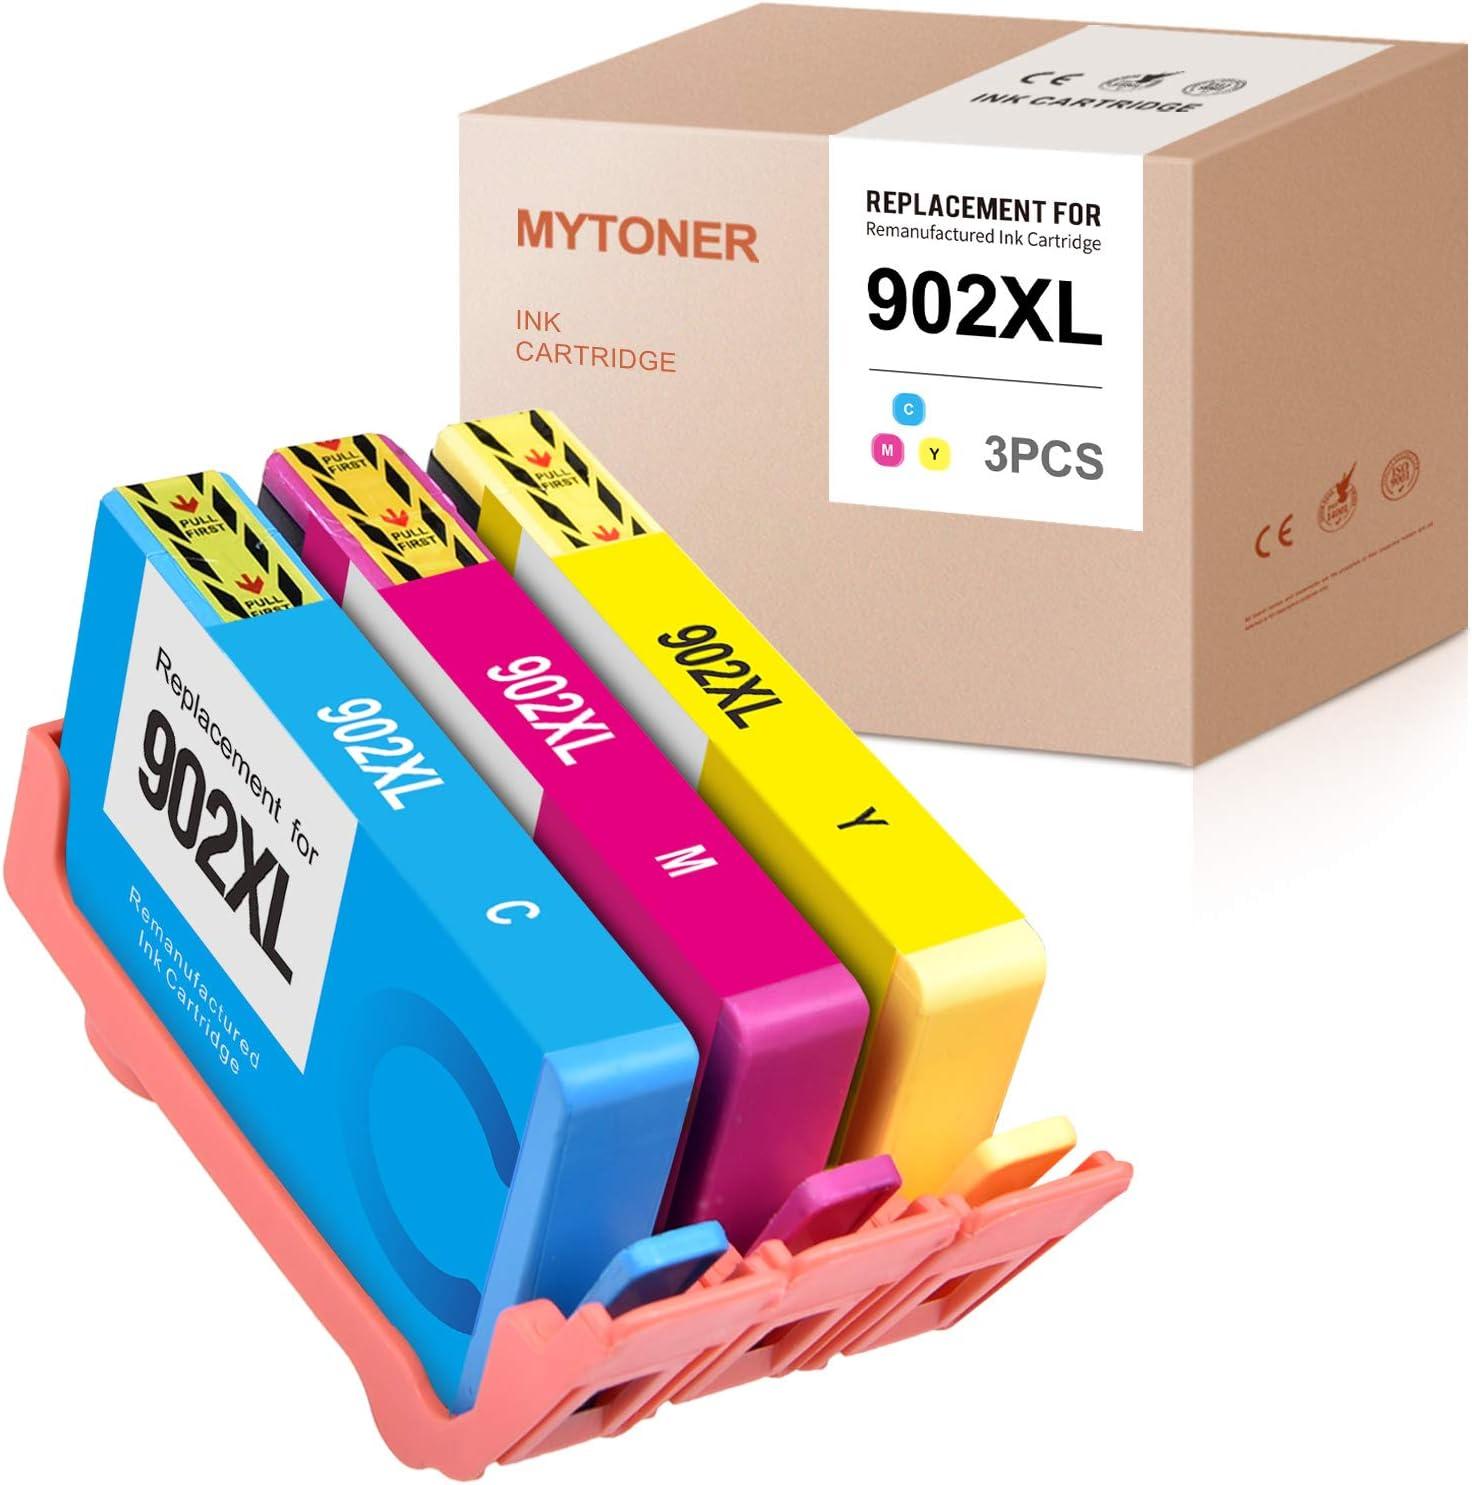 MYTONER Remanufactured Ink Cartridge Replacement for HP 902 902XL T6M02AN T6M04AN T6M10AN for HP OfficeJet Pro 6978 6962 6968 6958 6975 6970 6960 6954 6950 Printer (Cyan Magenta Yellow, 3-Pack)